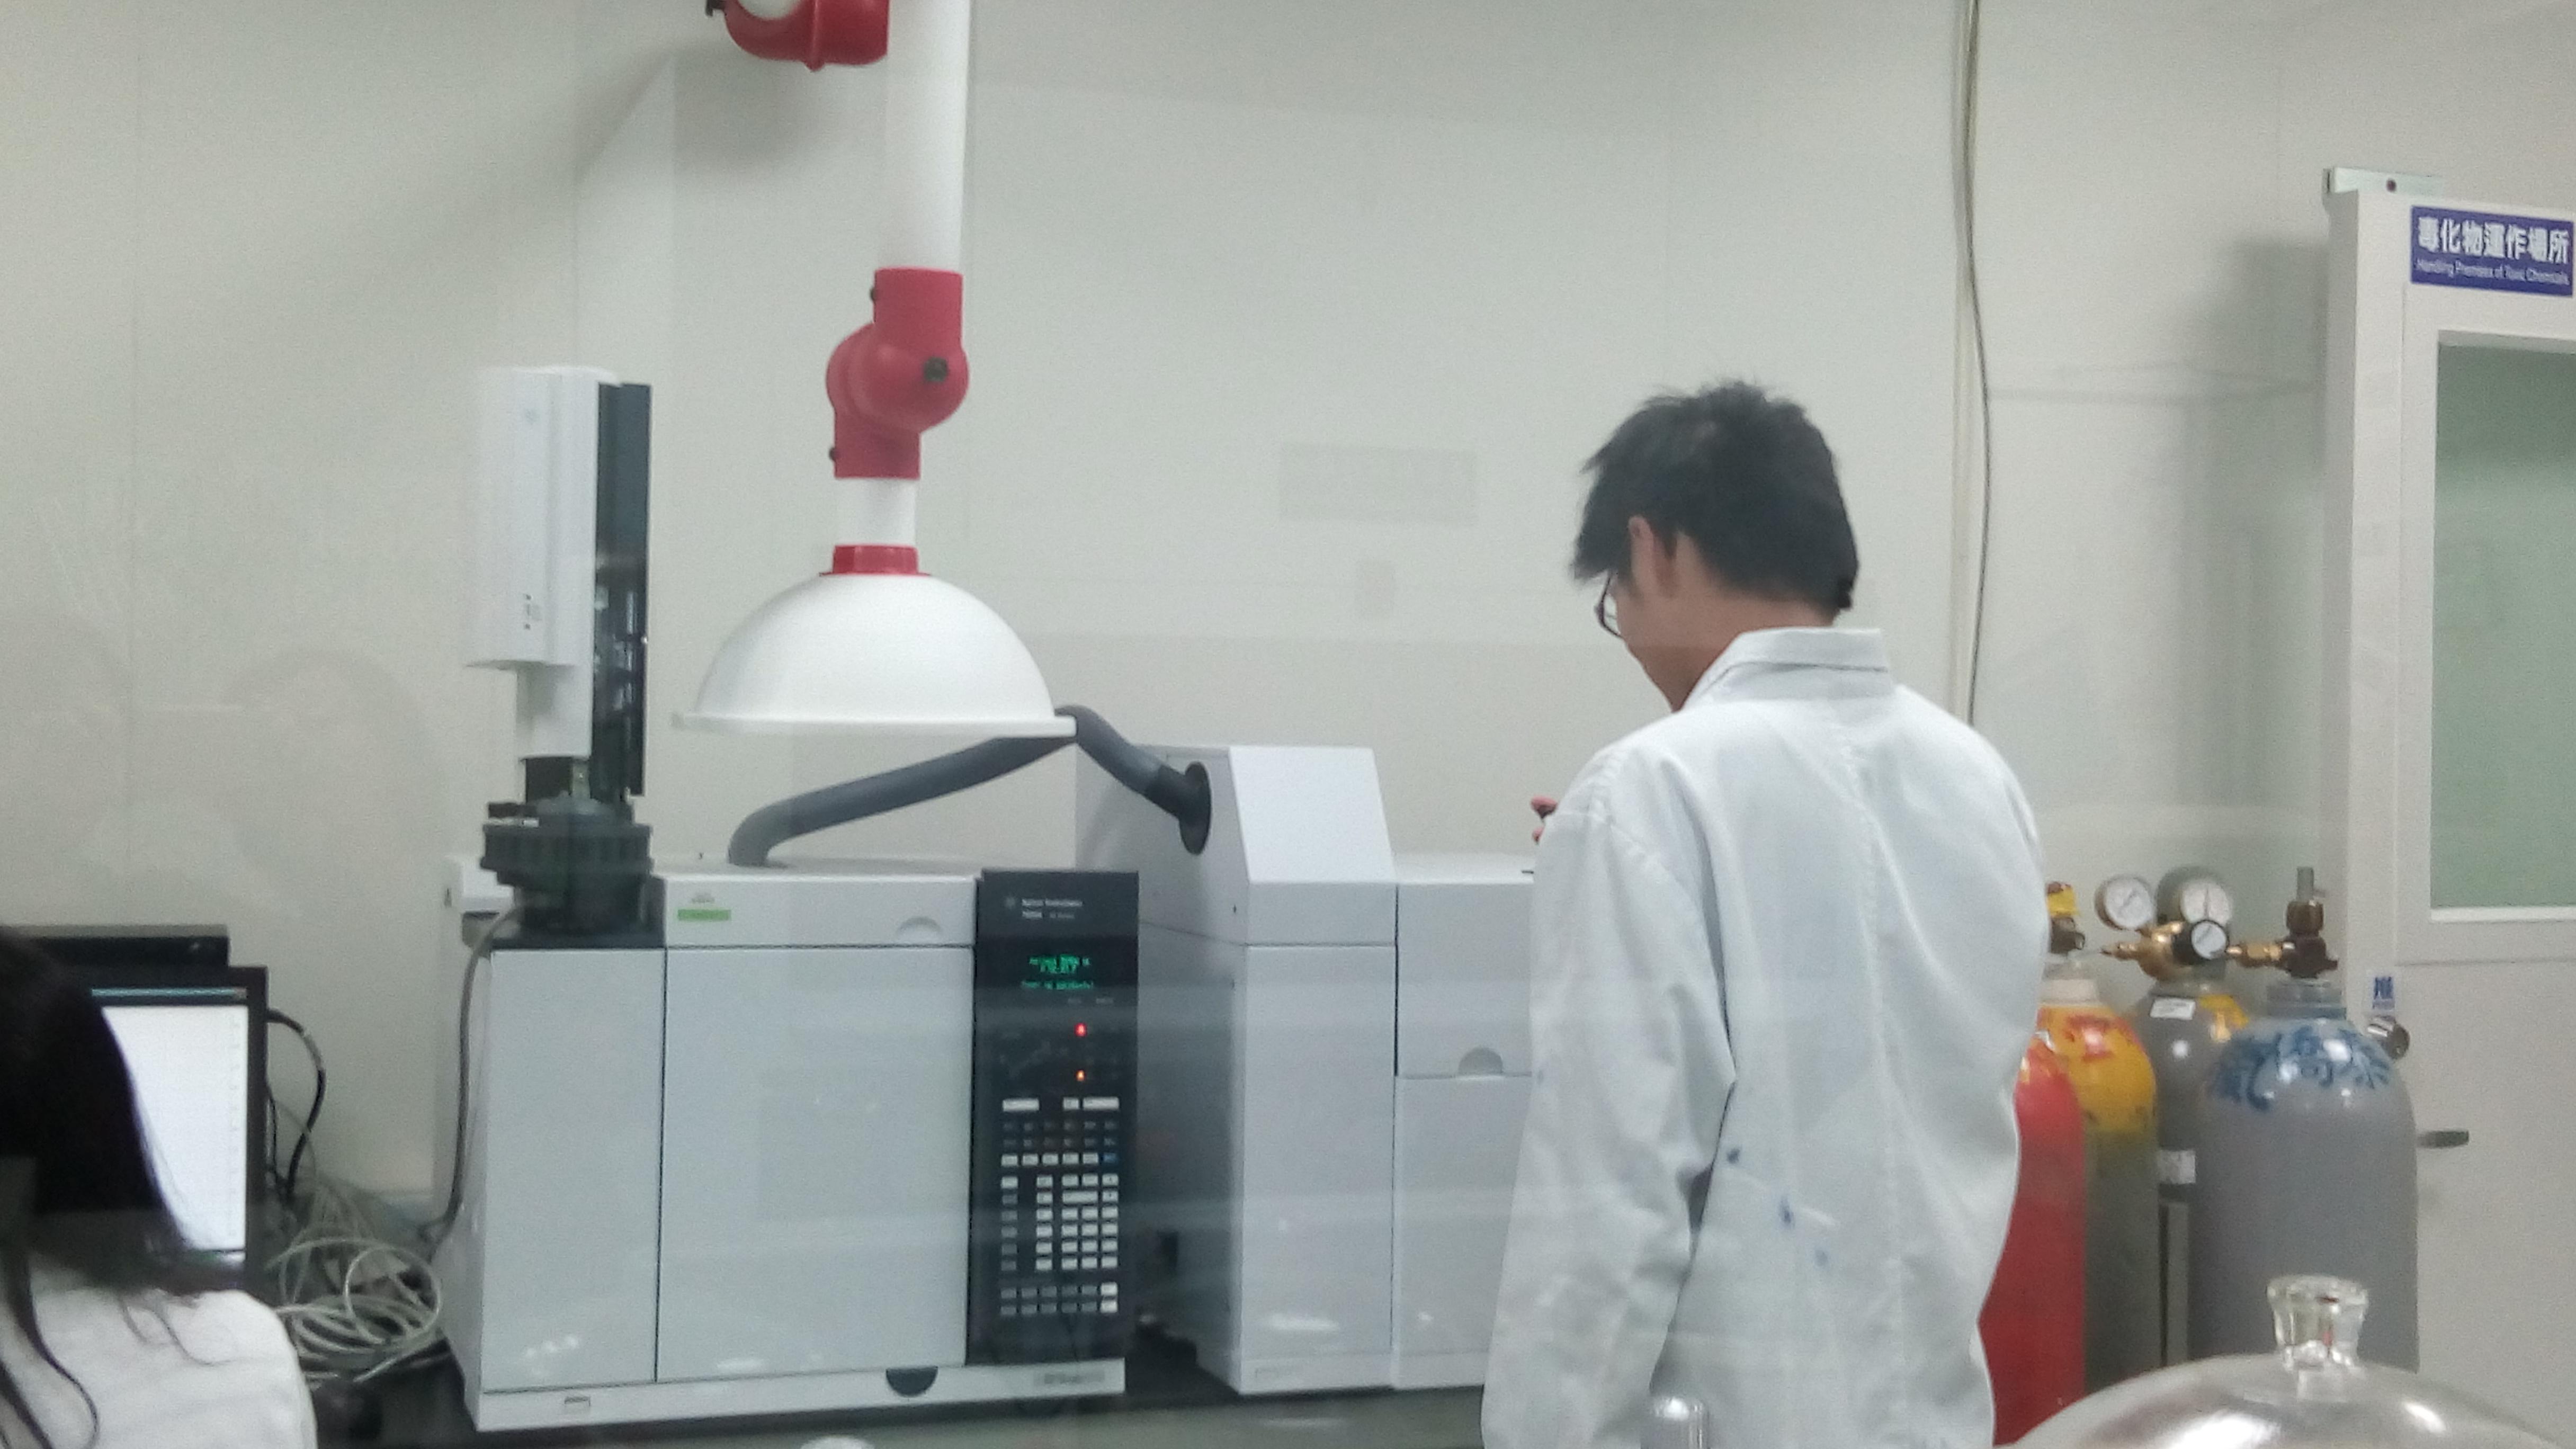 懷特血寶®凍晶注射劑歷經141項品管檢驗,層層把關,確保品質